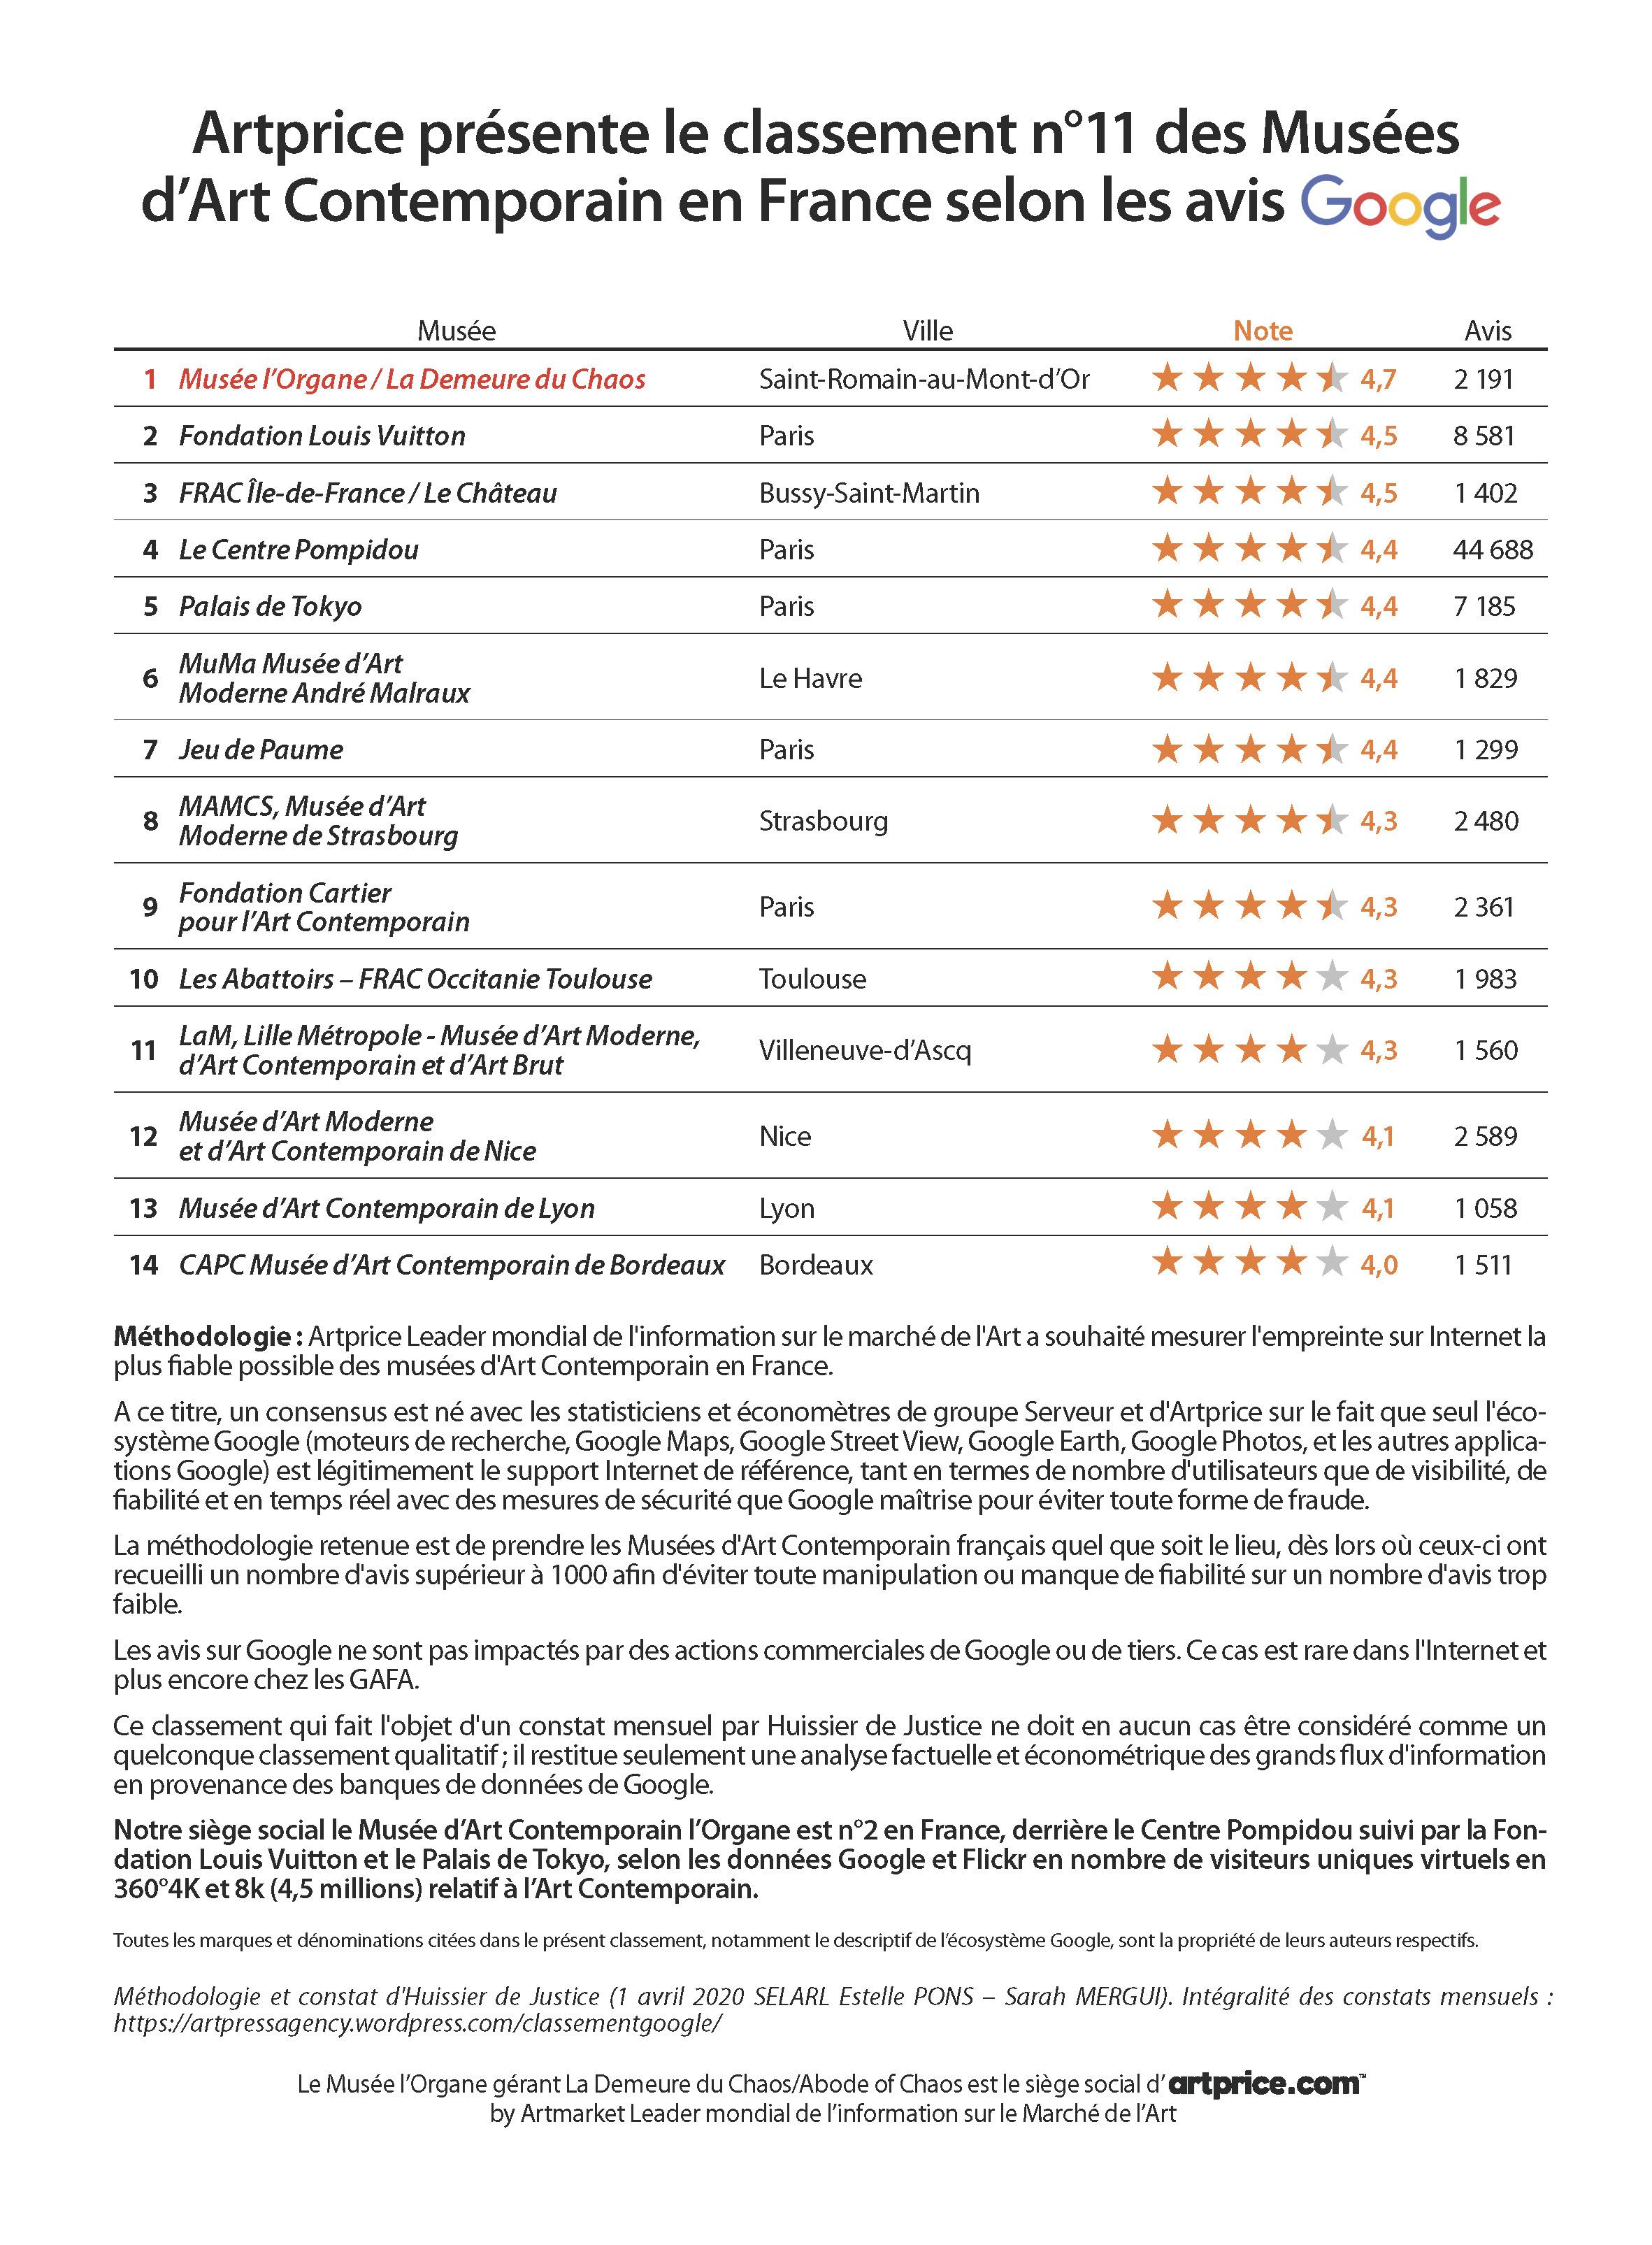 Artprice présente le classement n°11 des Musées d'Art Contemporain en France selon les avis Google